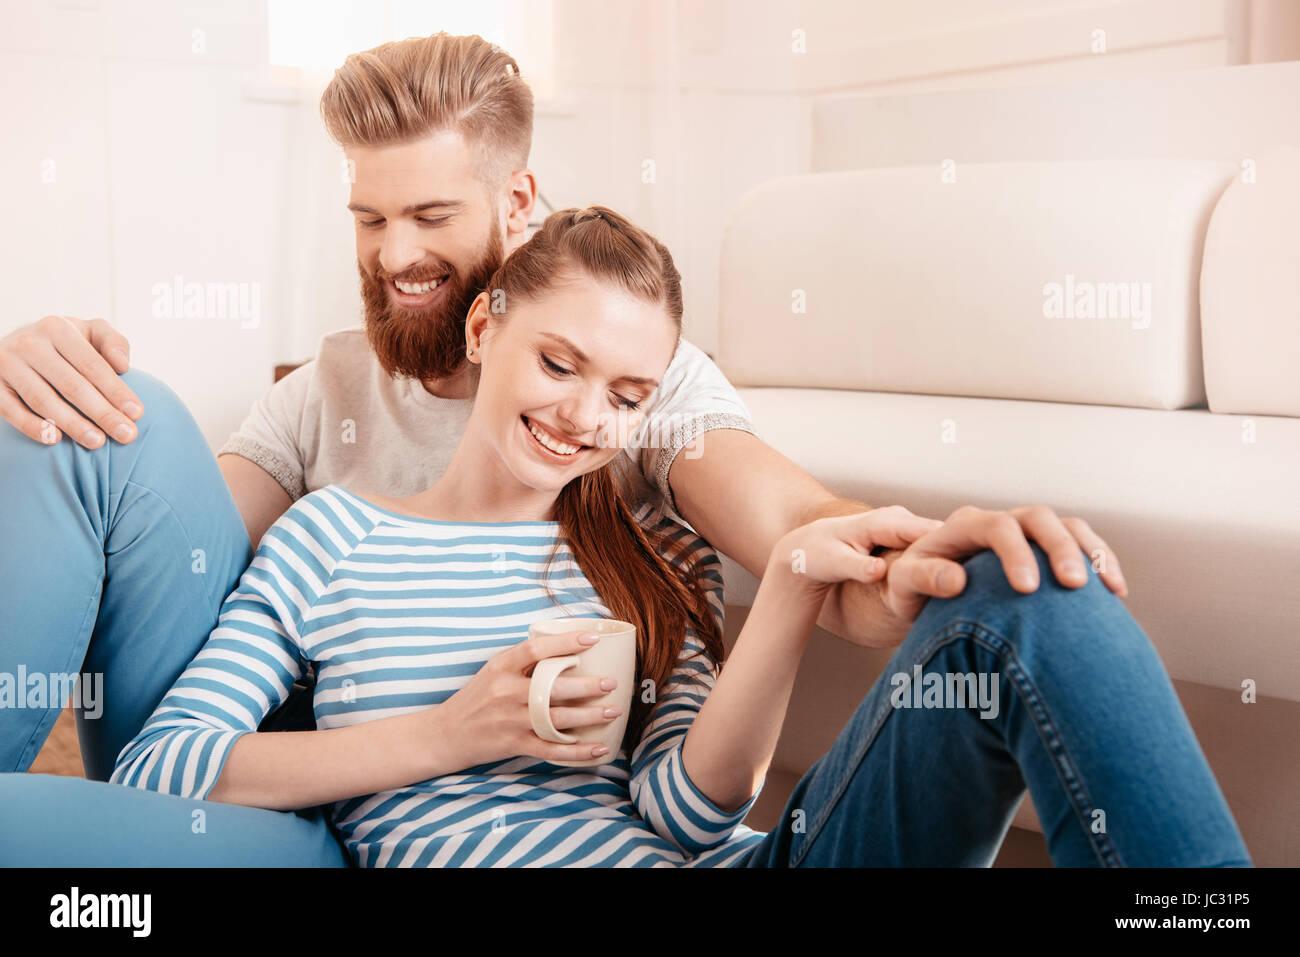 Felice coppia giovane seduti insieme sul pavimento e bere il tè Immagini Stock